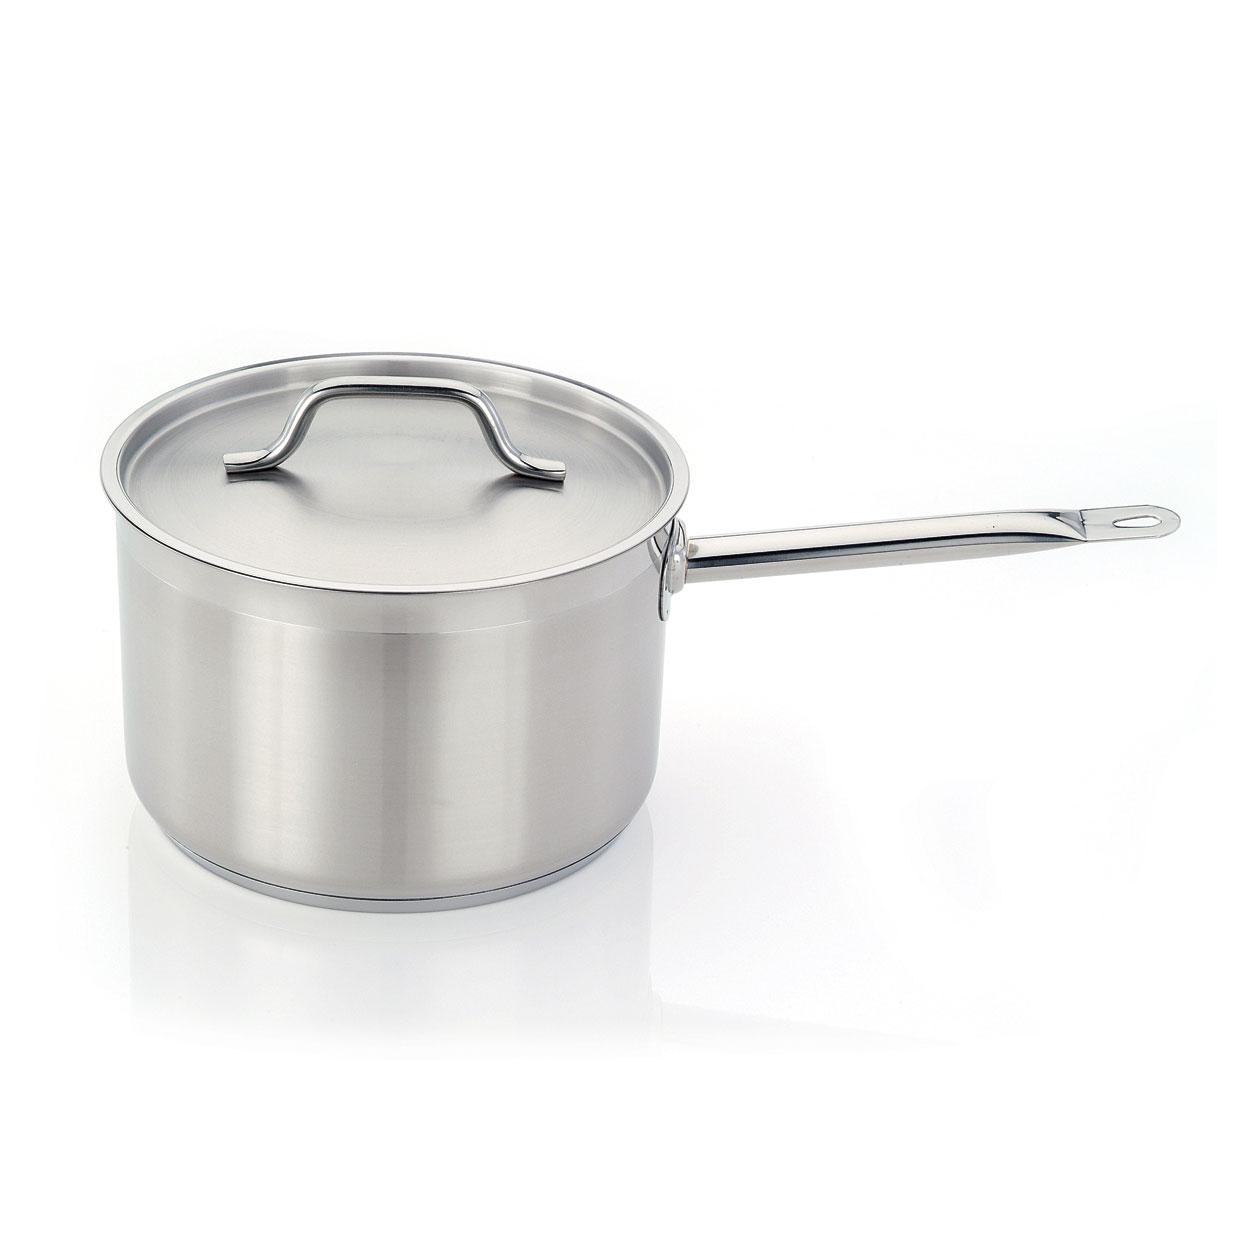 Eurodib USA HOM411610 sauce pan